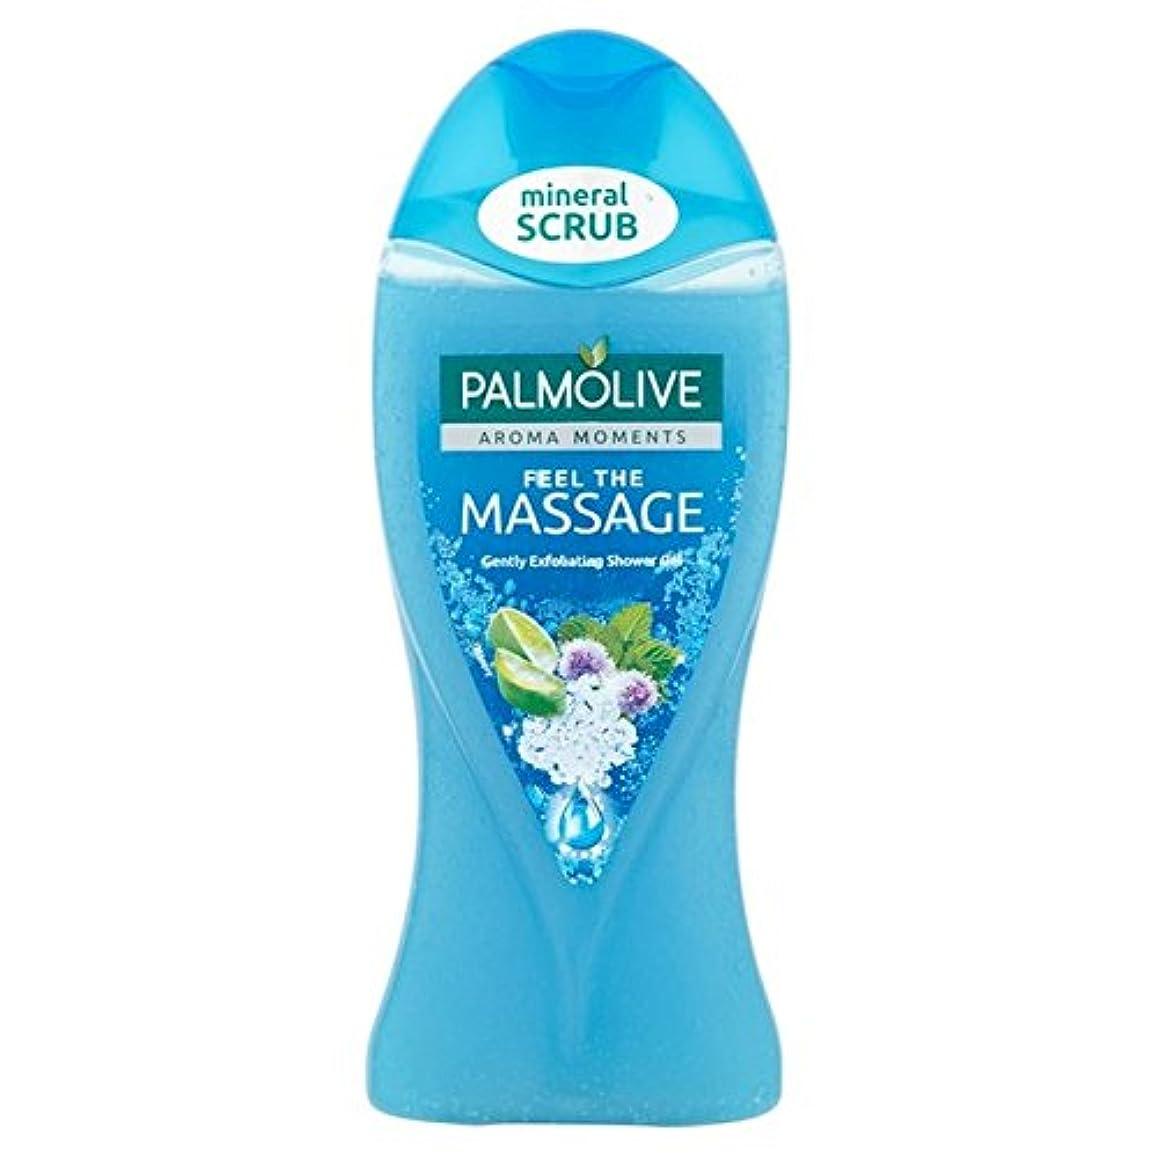 上がるちらつき挨拶するパルモシャワージェルマッサージ250ミリリットル x2 - Palmolive Shower Gel Massage 250ml (Pack of 2) [並行輸入品]